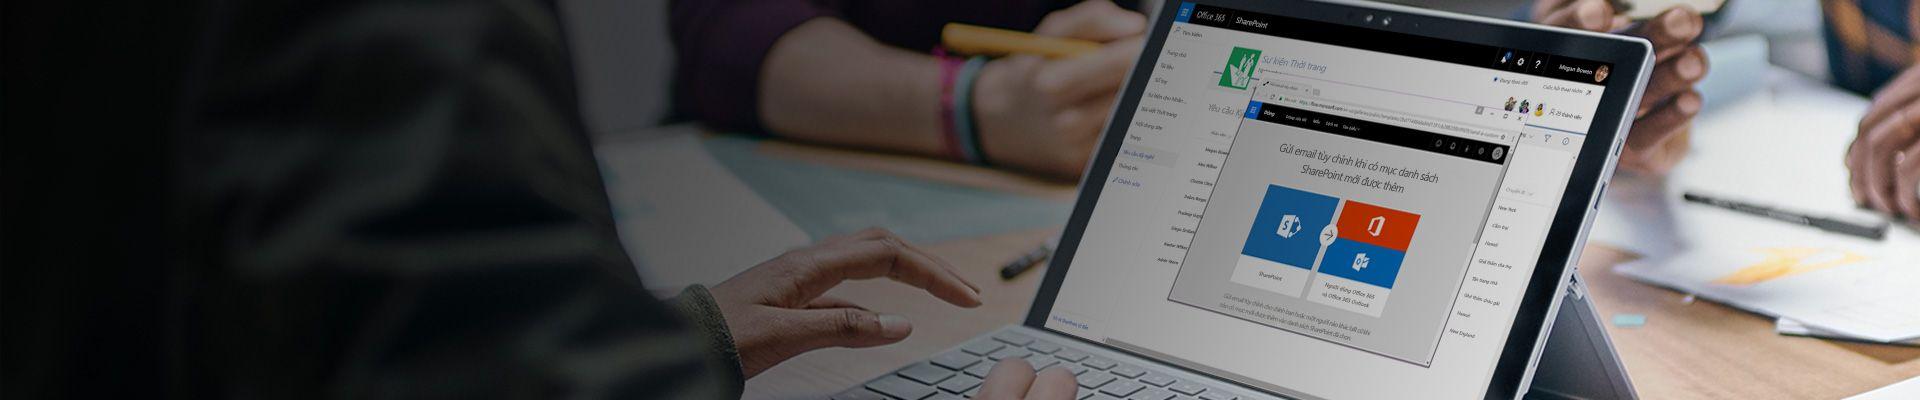 Ứng dụng Flow và SharePoint đang chạy trên một máy tính xách tay